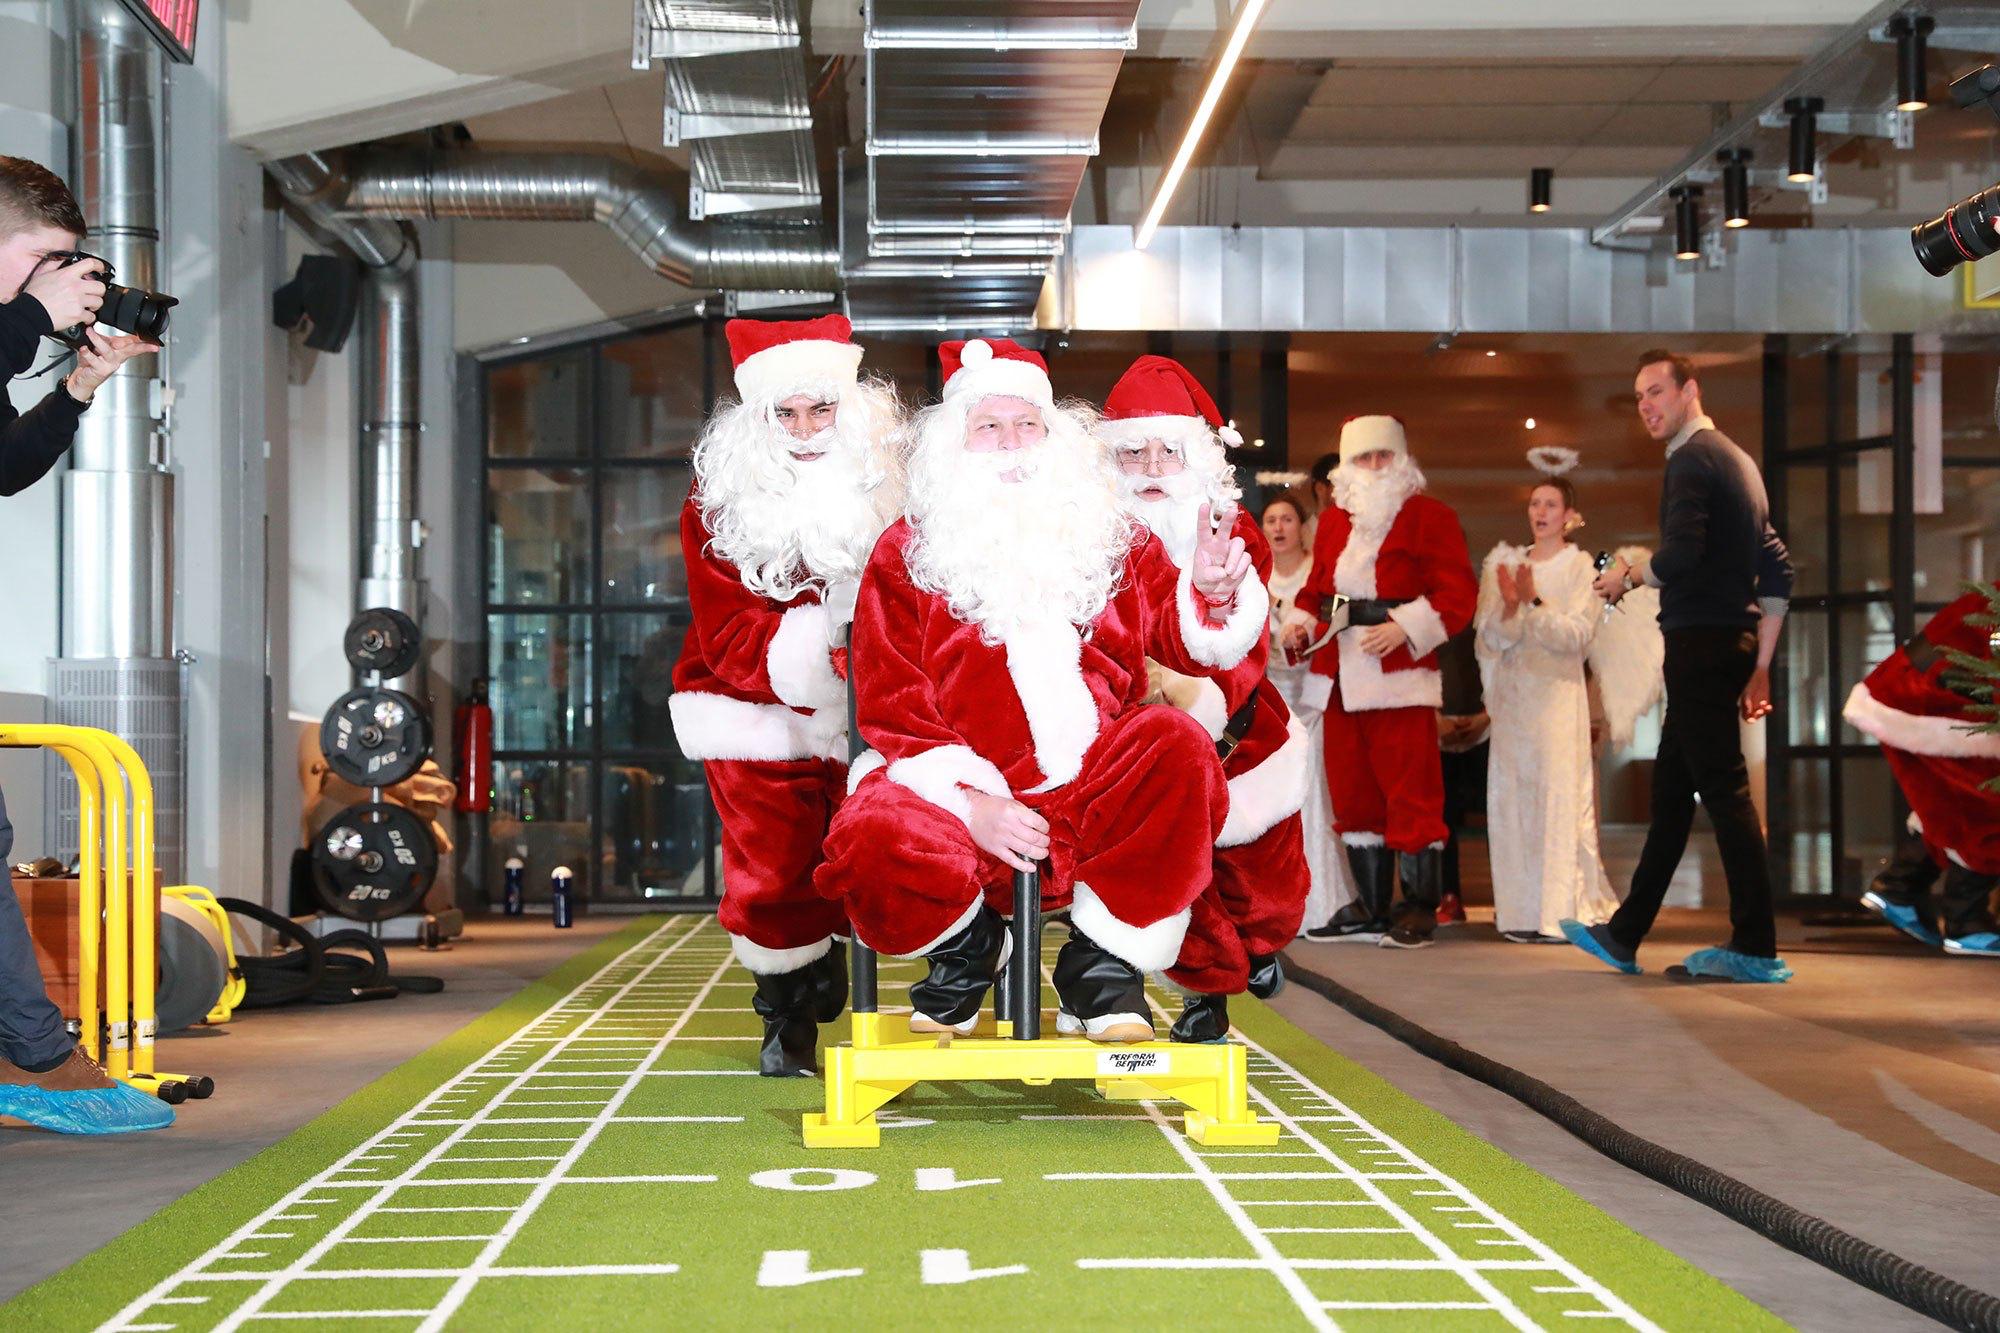 Weihnachtsmann Einsatz Einkaufszentrum